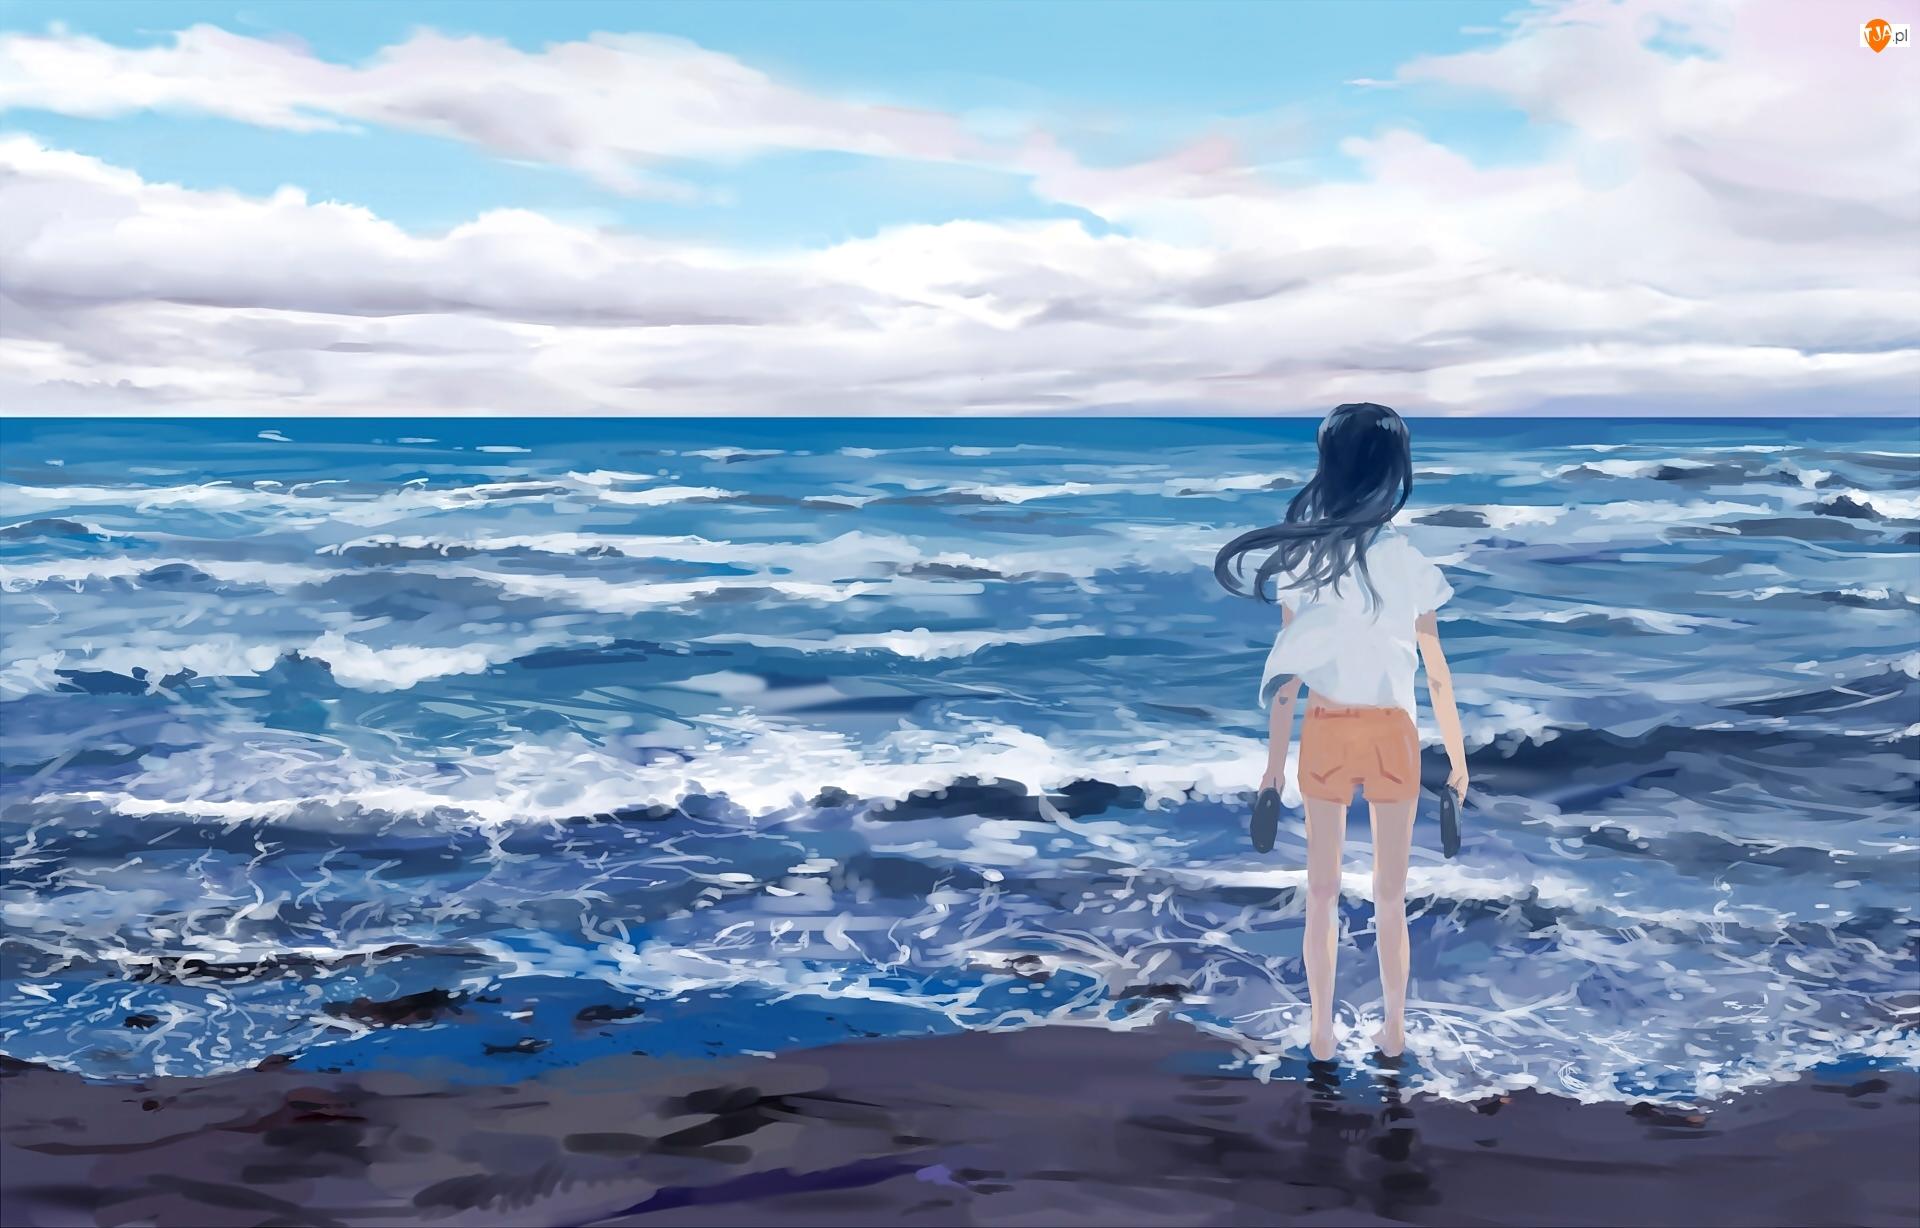 Dziewczyna, Manga, Morze, Brzeg